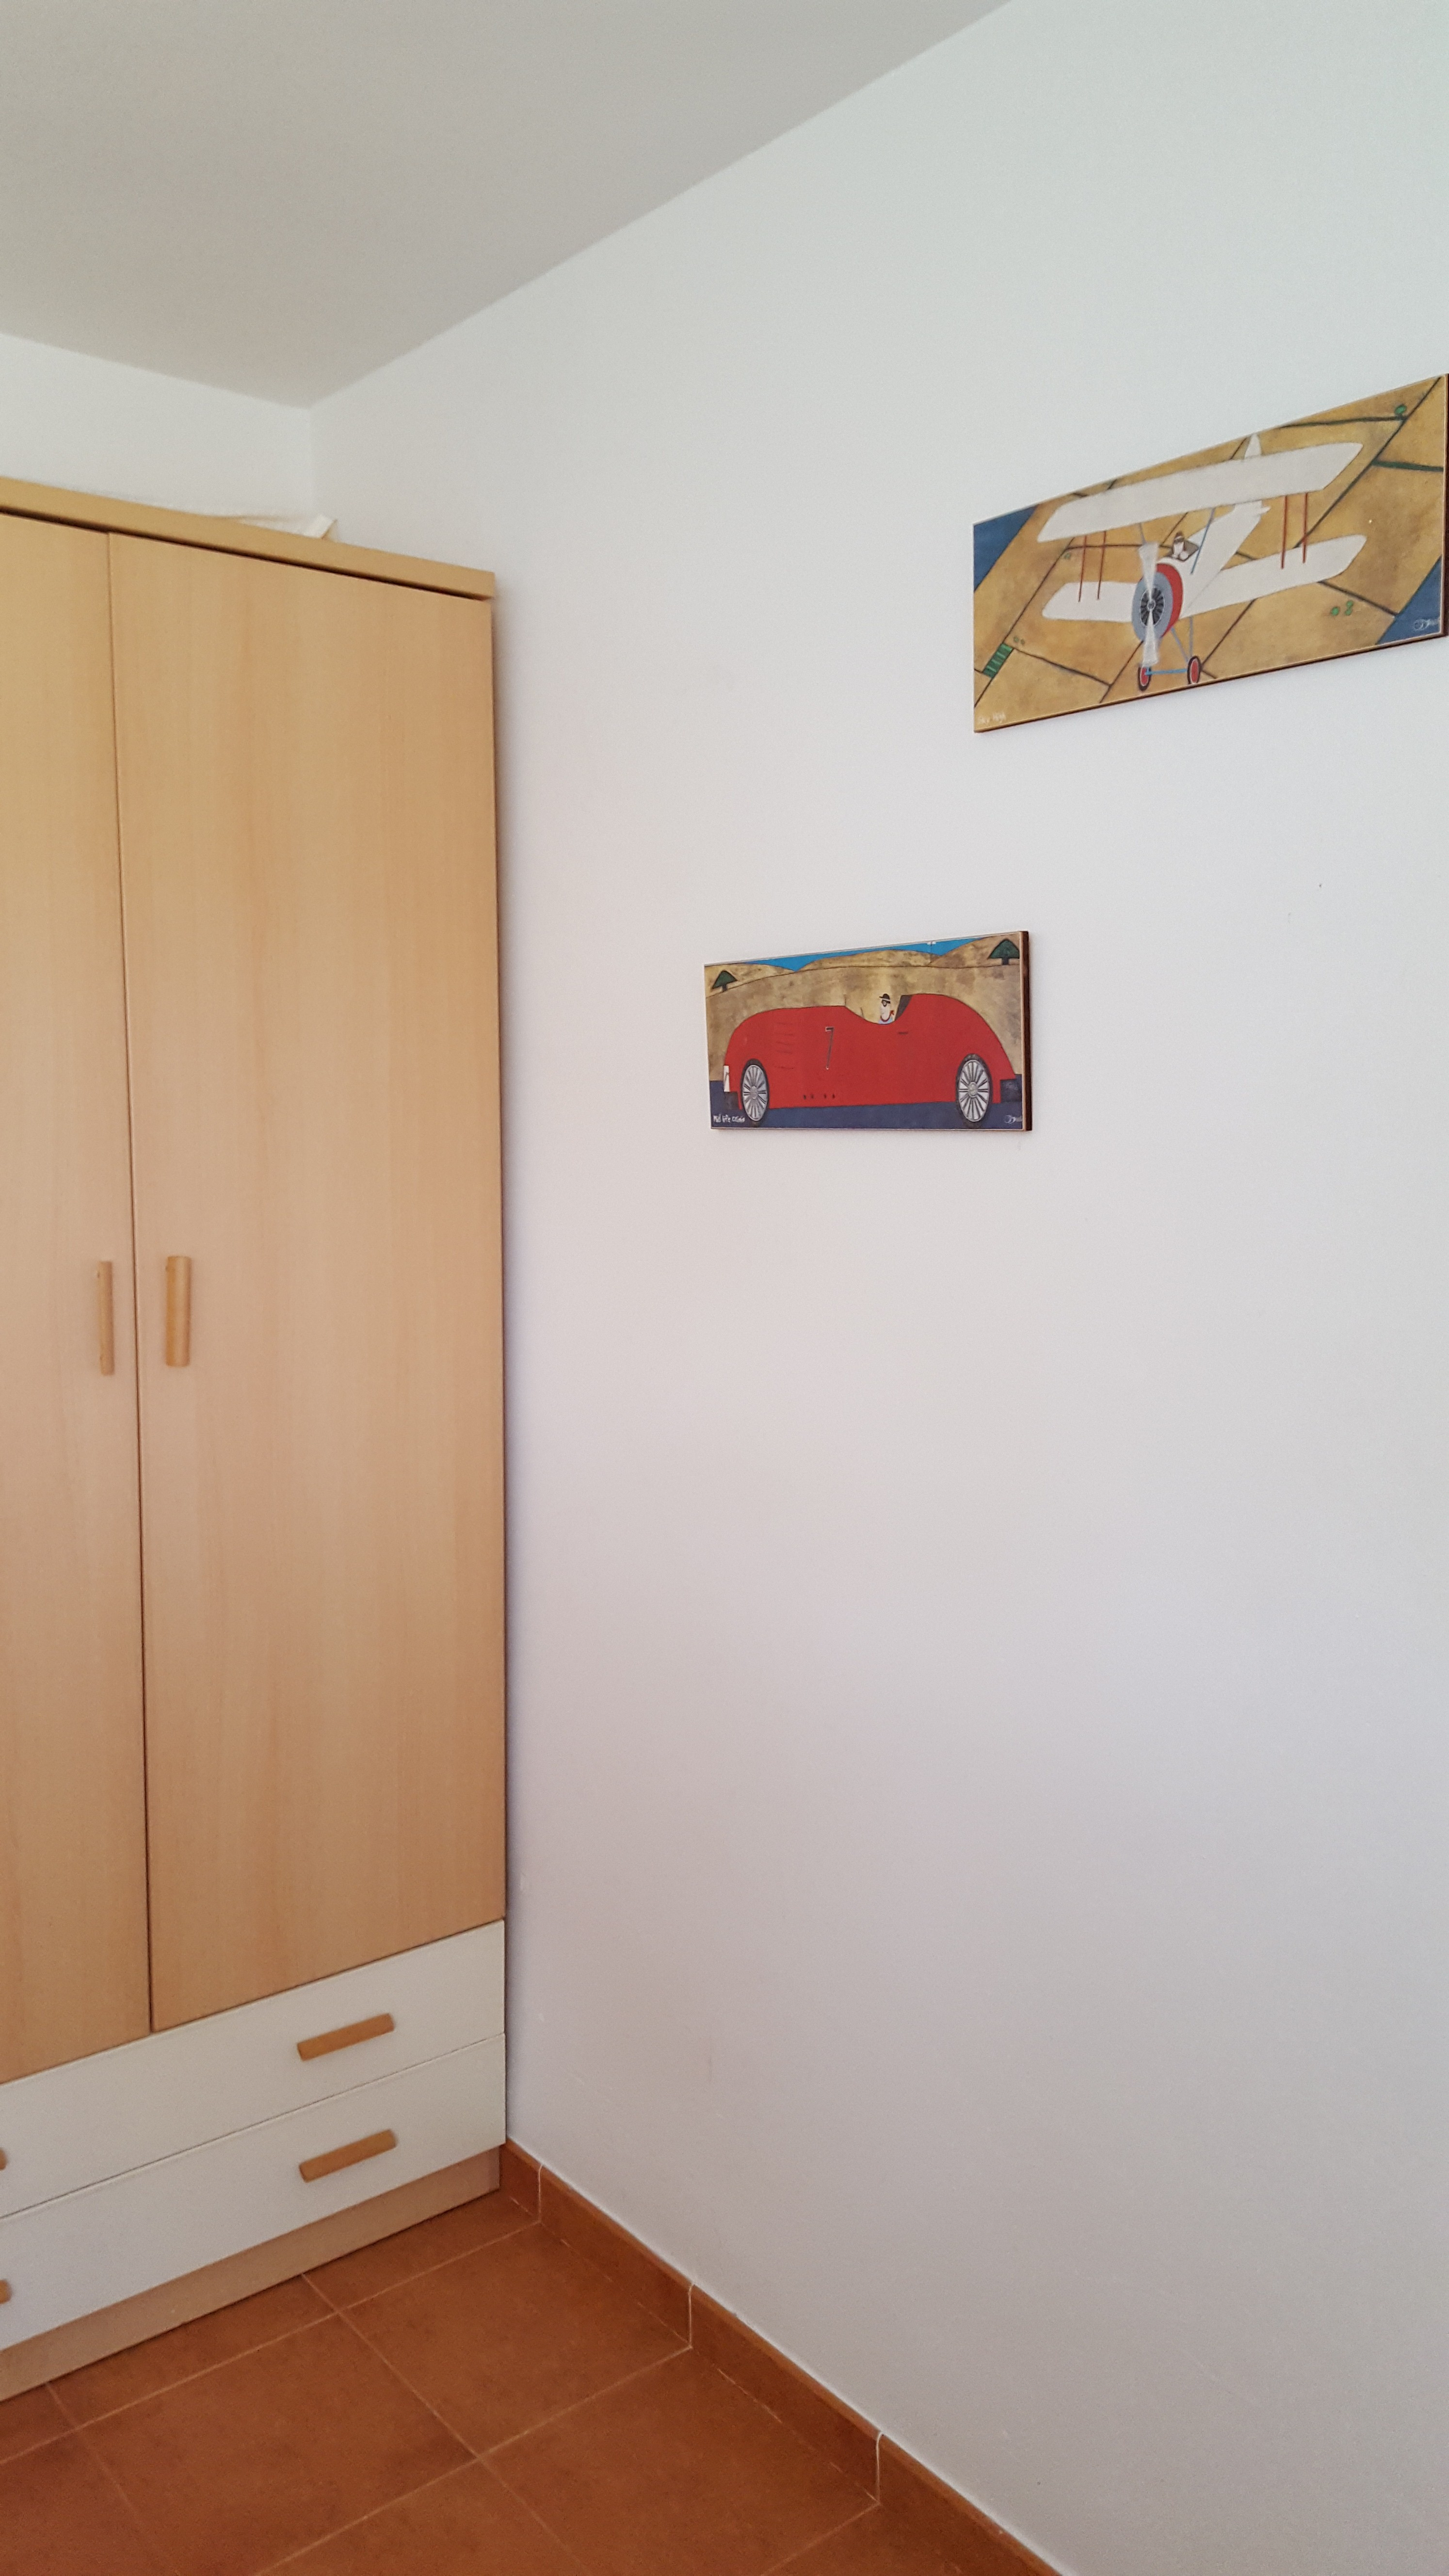 Ferienwohnung 3 Schlafzimmer Wohnung zu vermieten in Mojcar, Spanien (2388895), Mojacar, Costa de Almeria, Andalusien, Spanien, Bild 20